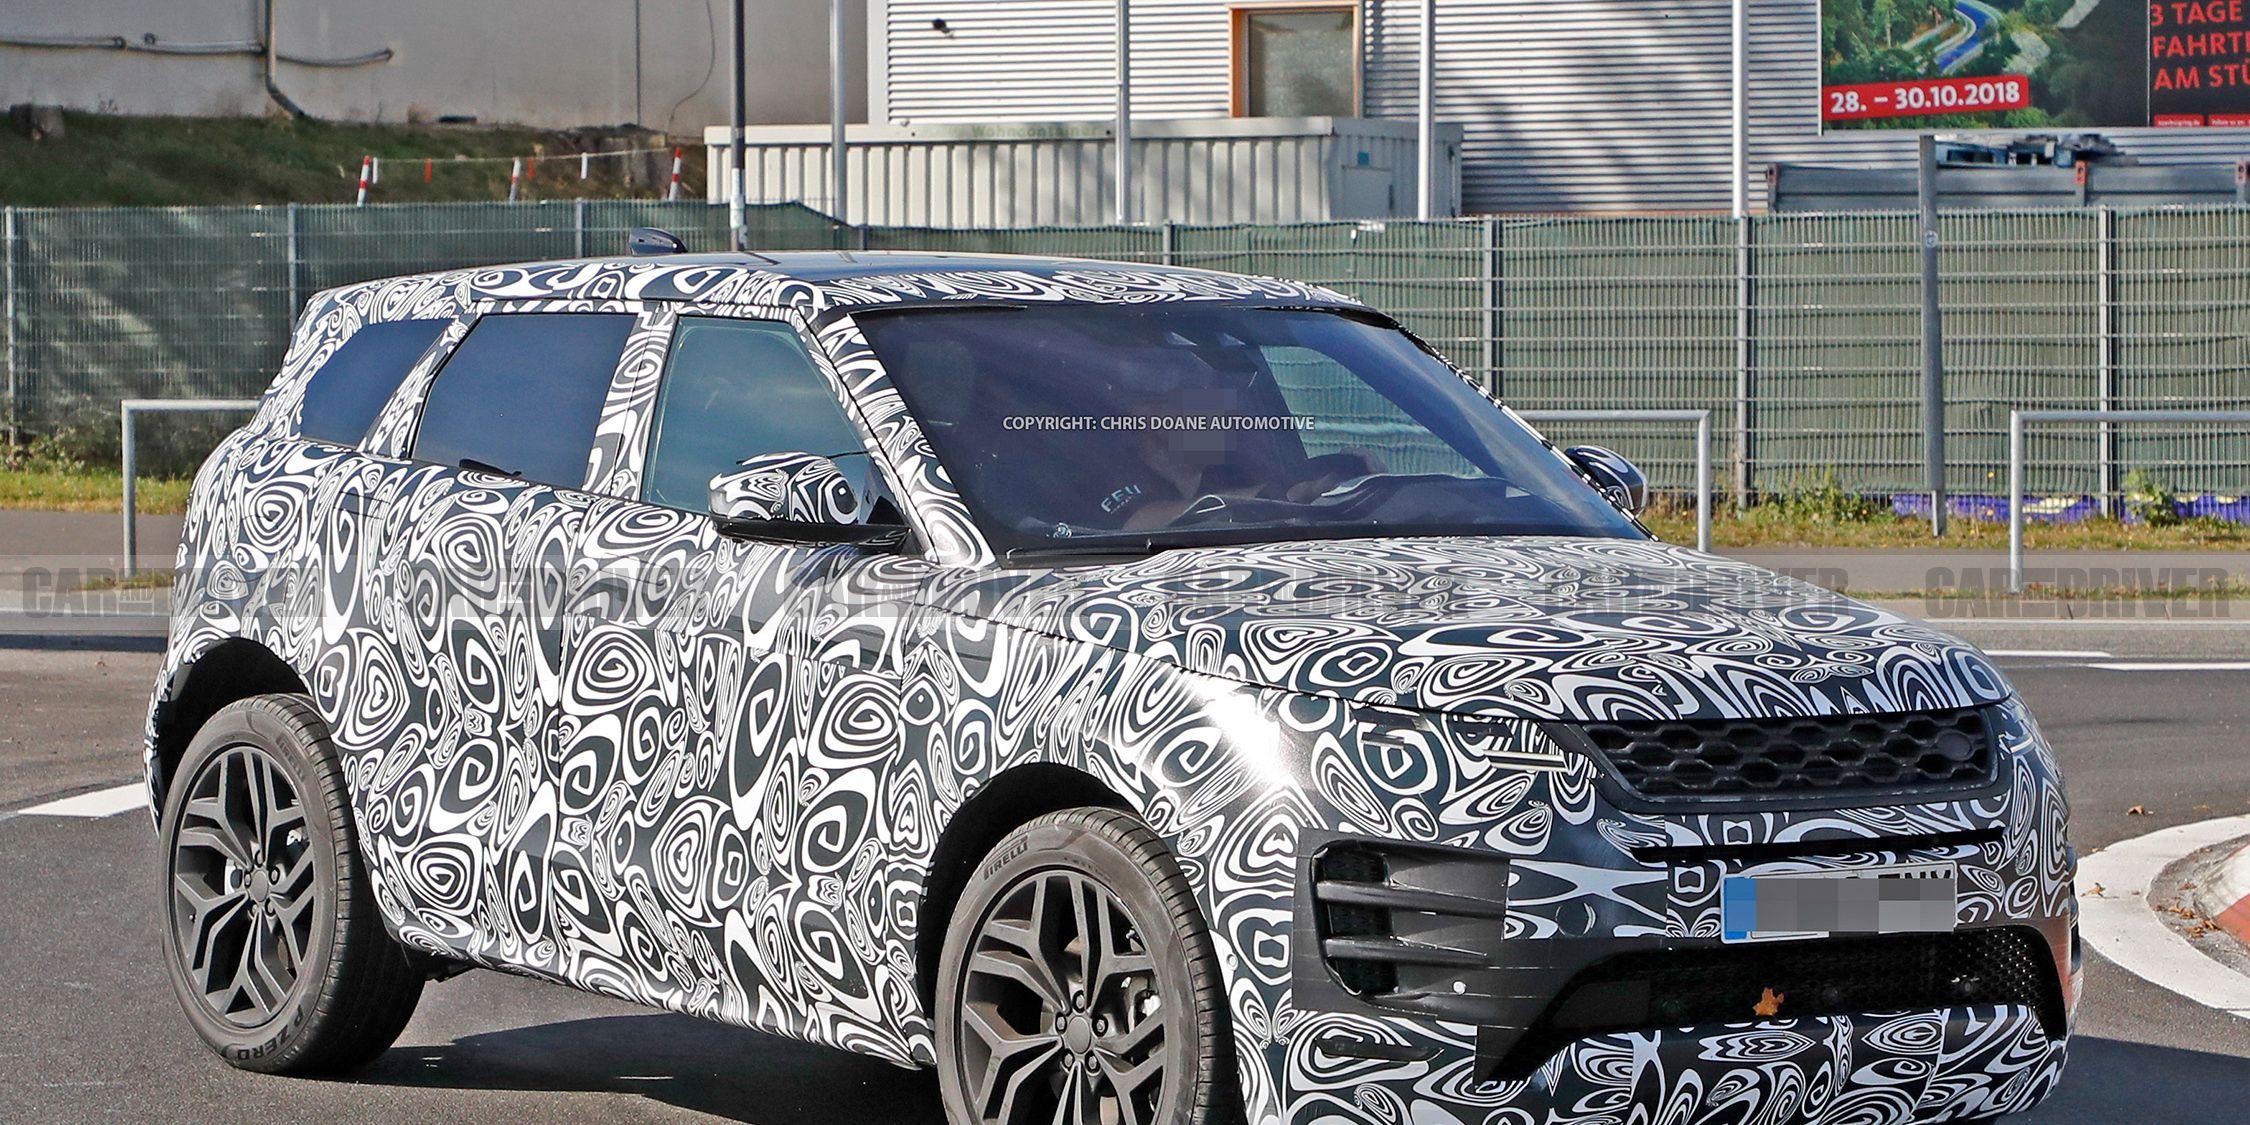 Next Gen Range Rover Evoque Spied Release Date Announced